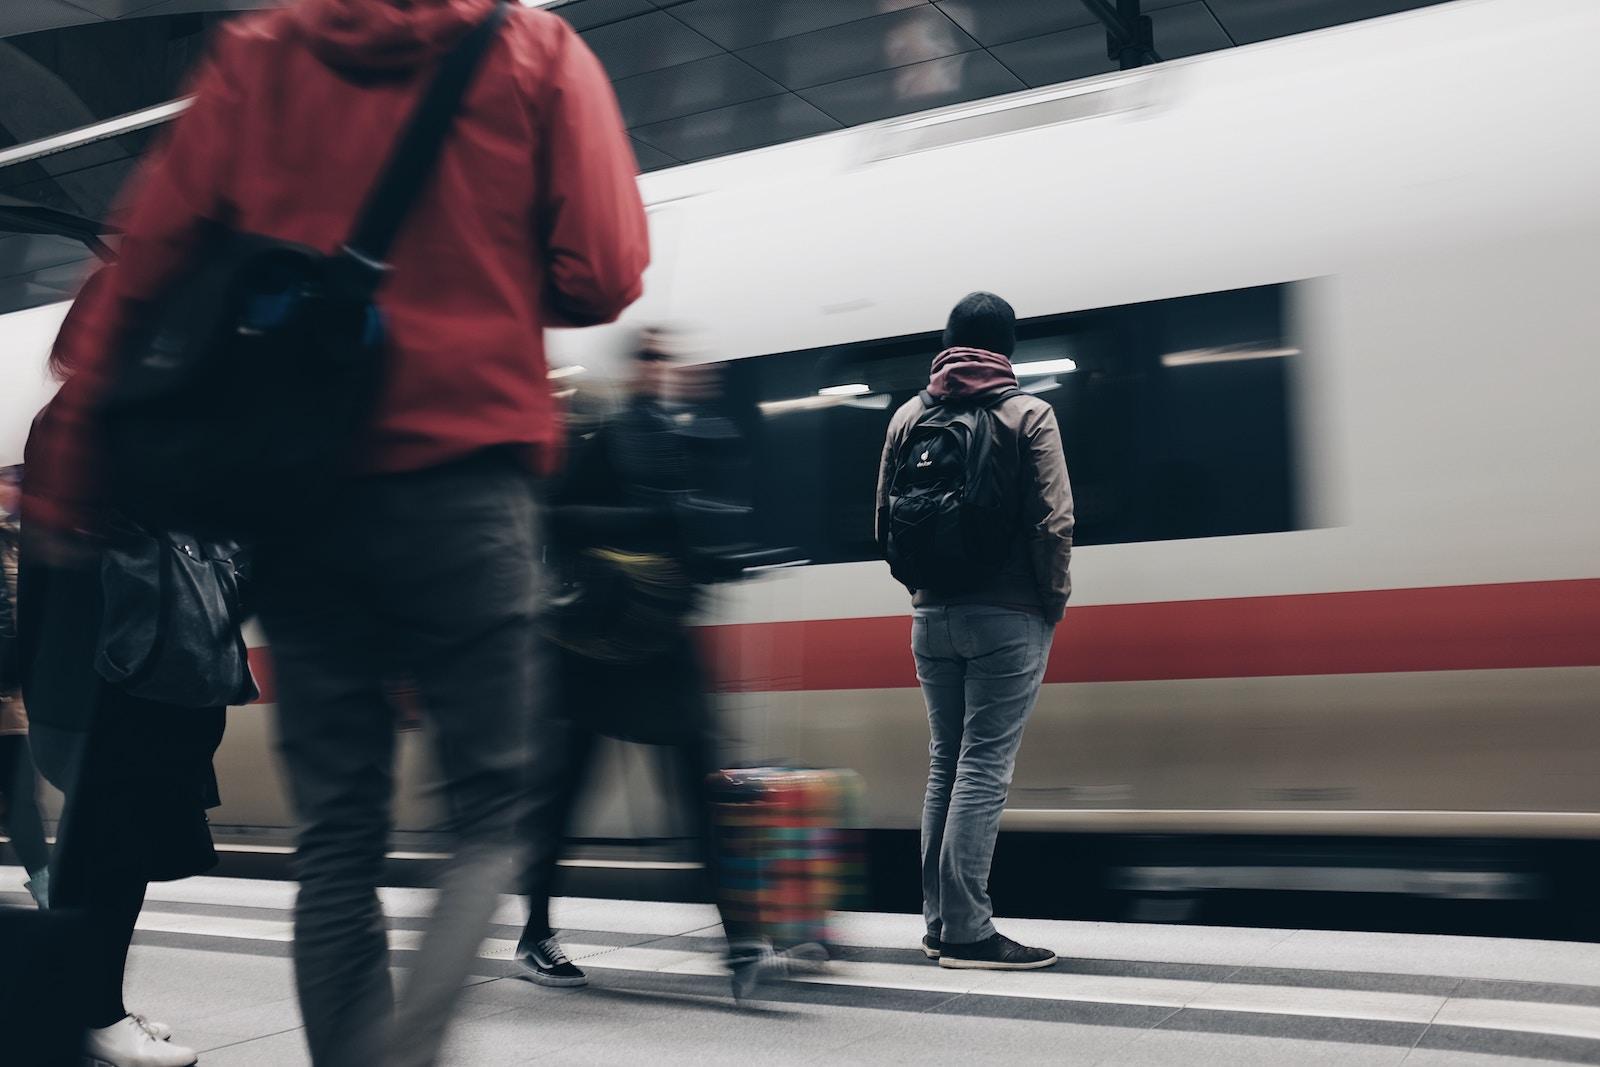 Pasažyropotik z Ukraїny do JeS vperše perevyščyv pokaznyky do RF — dani «Ukrzaliznyci»